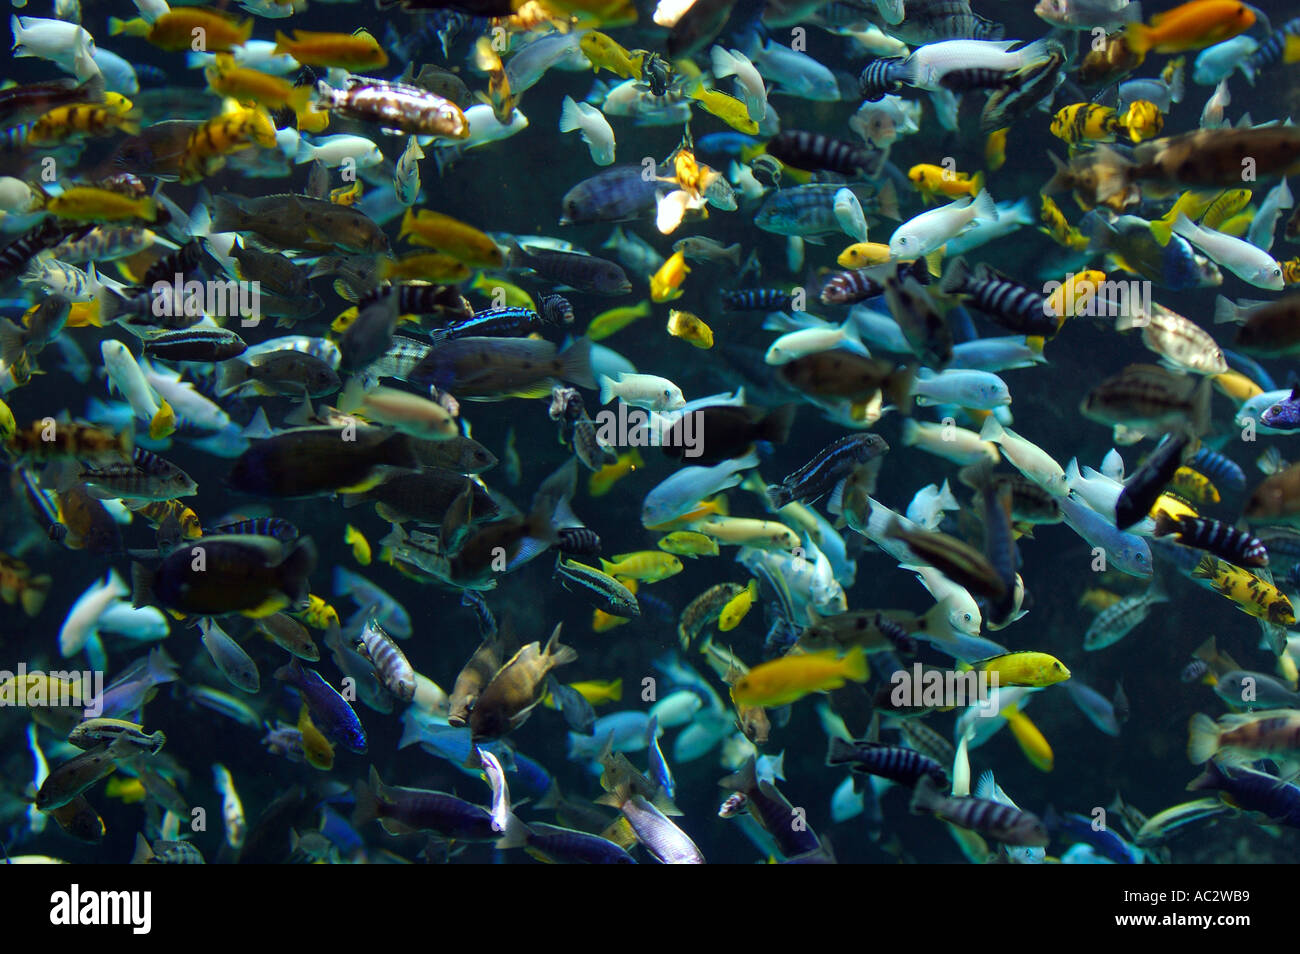 Scuola di pesce multcolored visto acquario subacqueo allo zoo di Toronto Immagini Stock